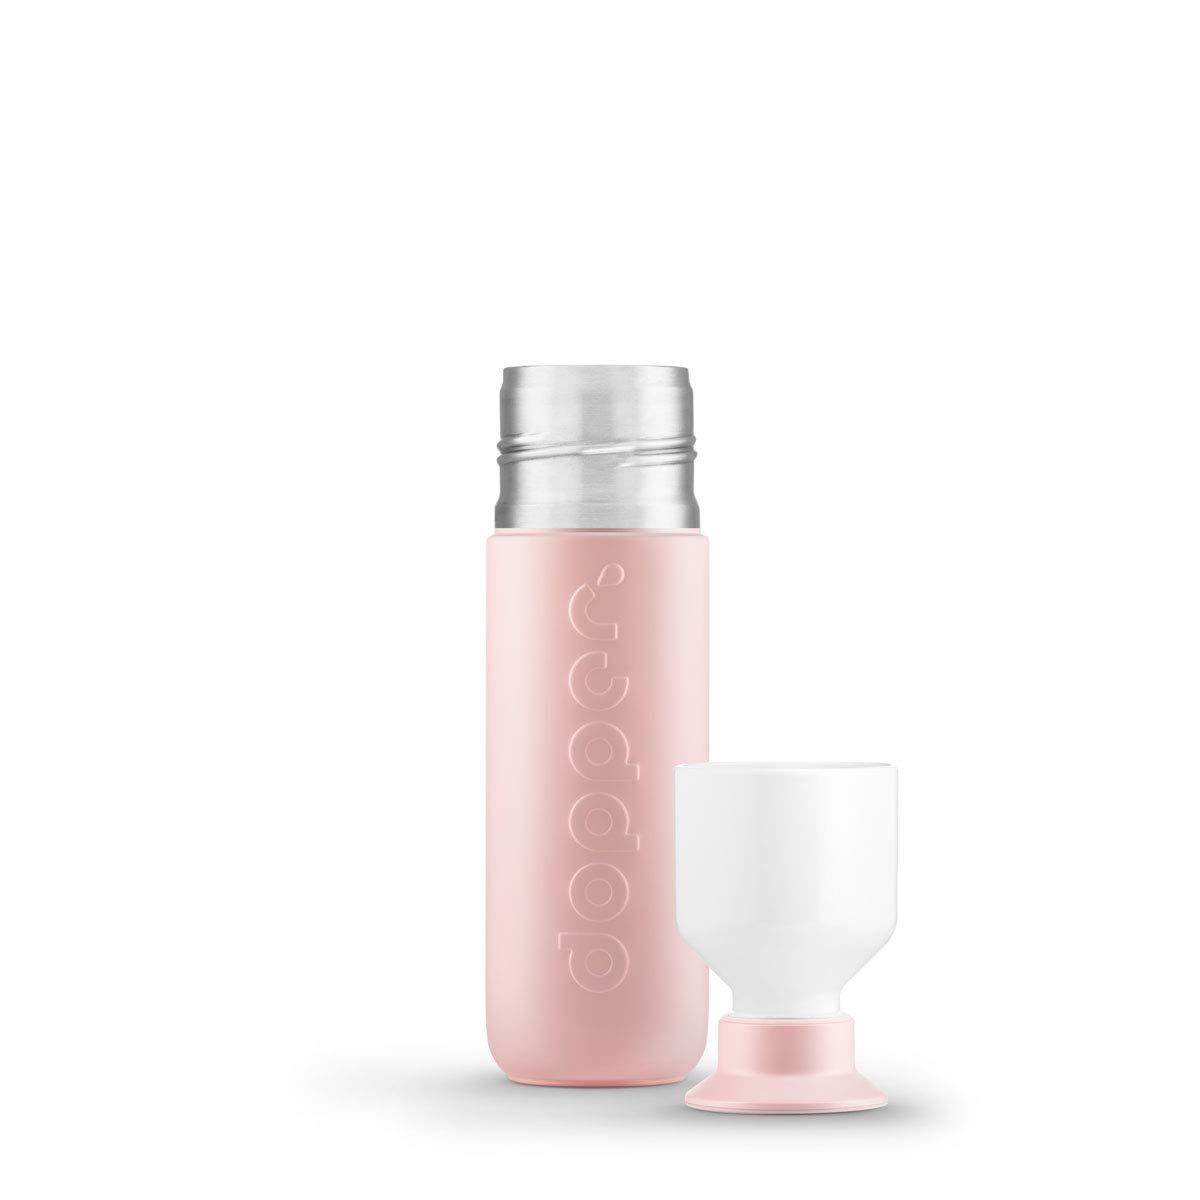 Botella Termo Dopper Insulated Steamy Pink 350 ml